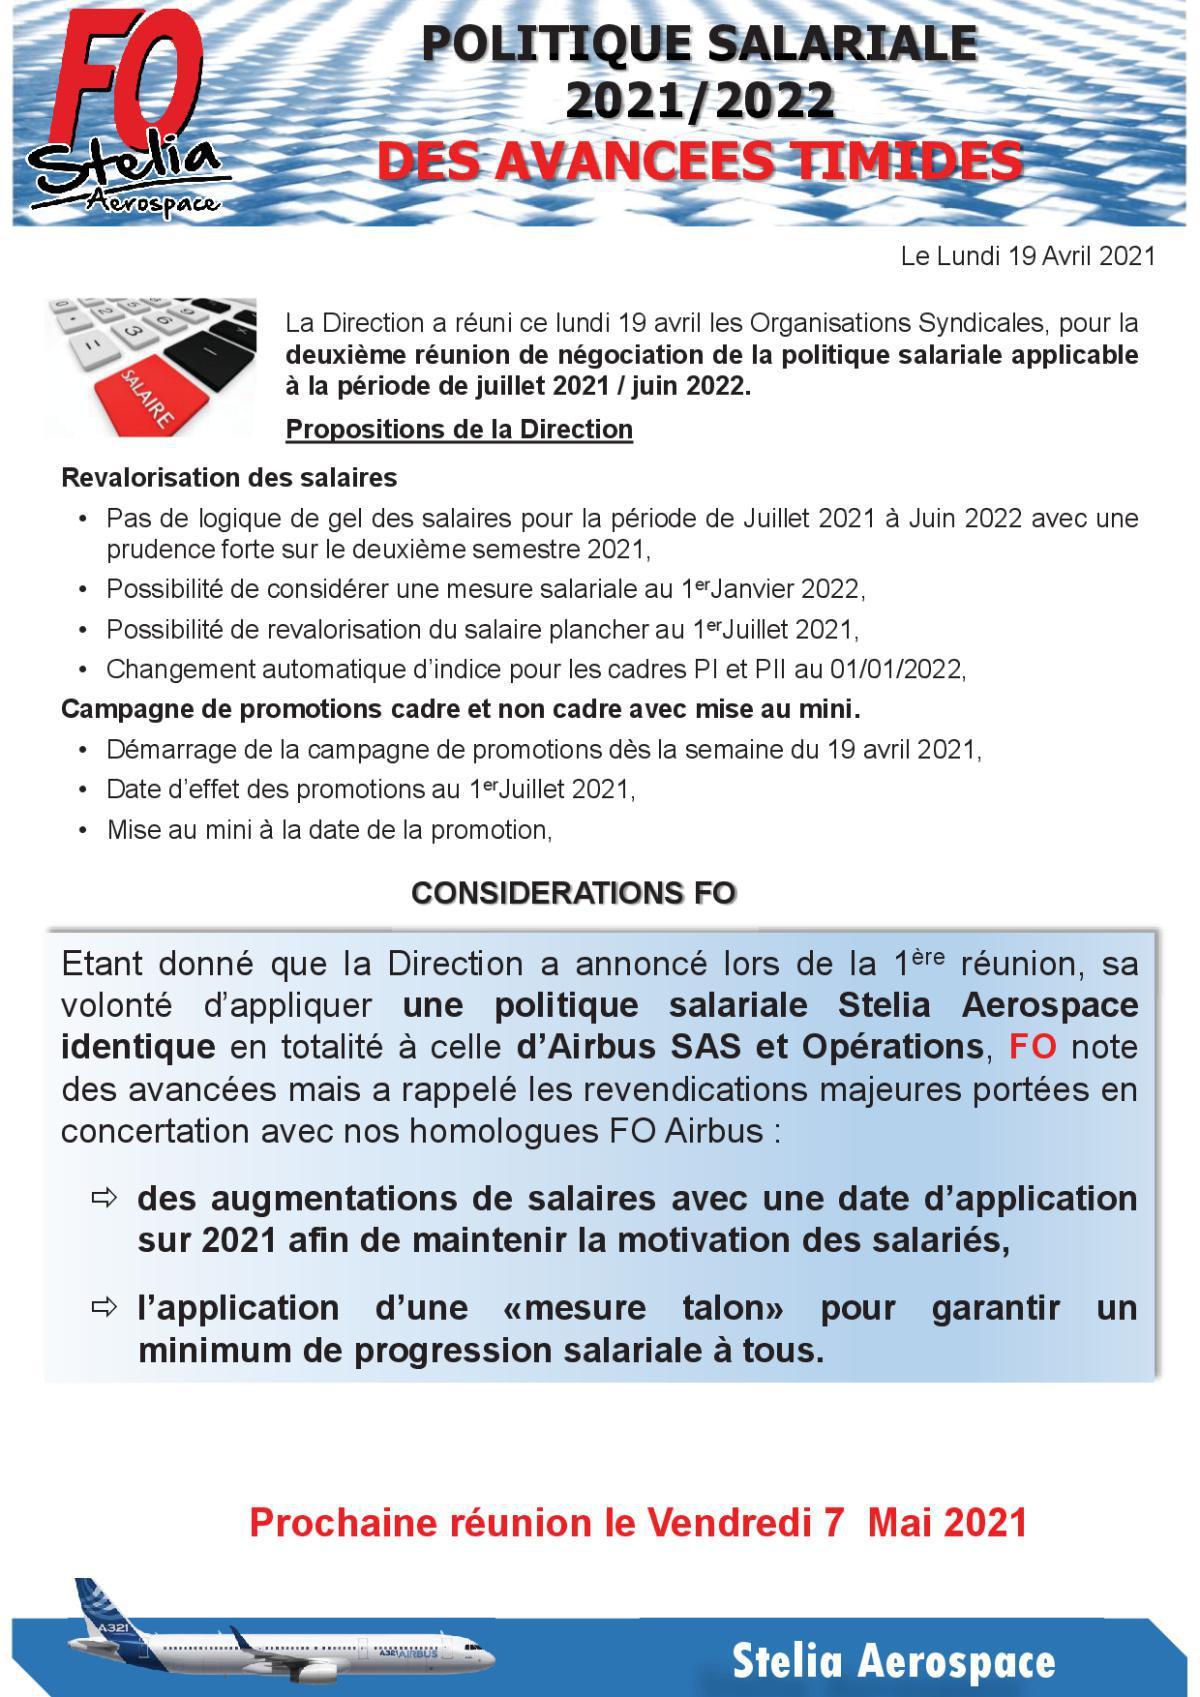 Politique Salariale 2021-2022 - 2ème Réunion